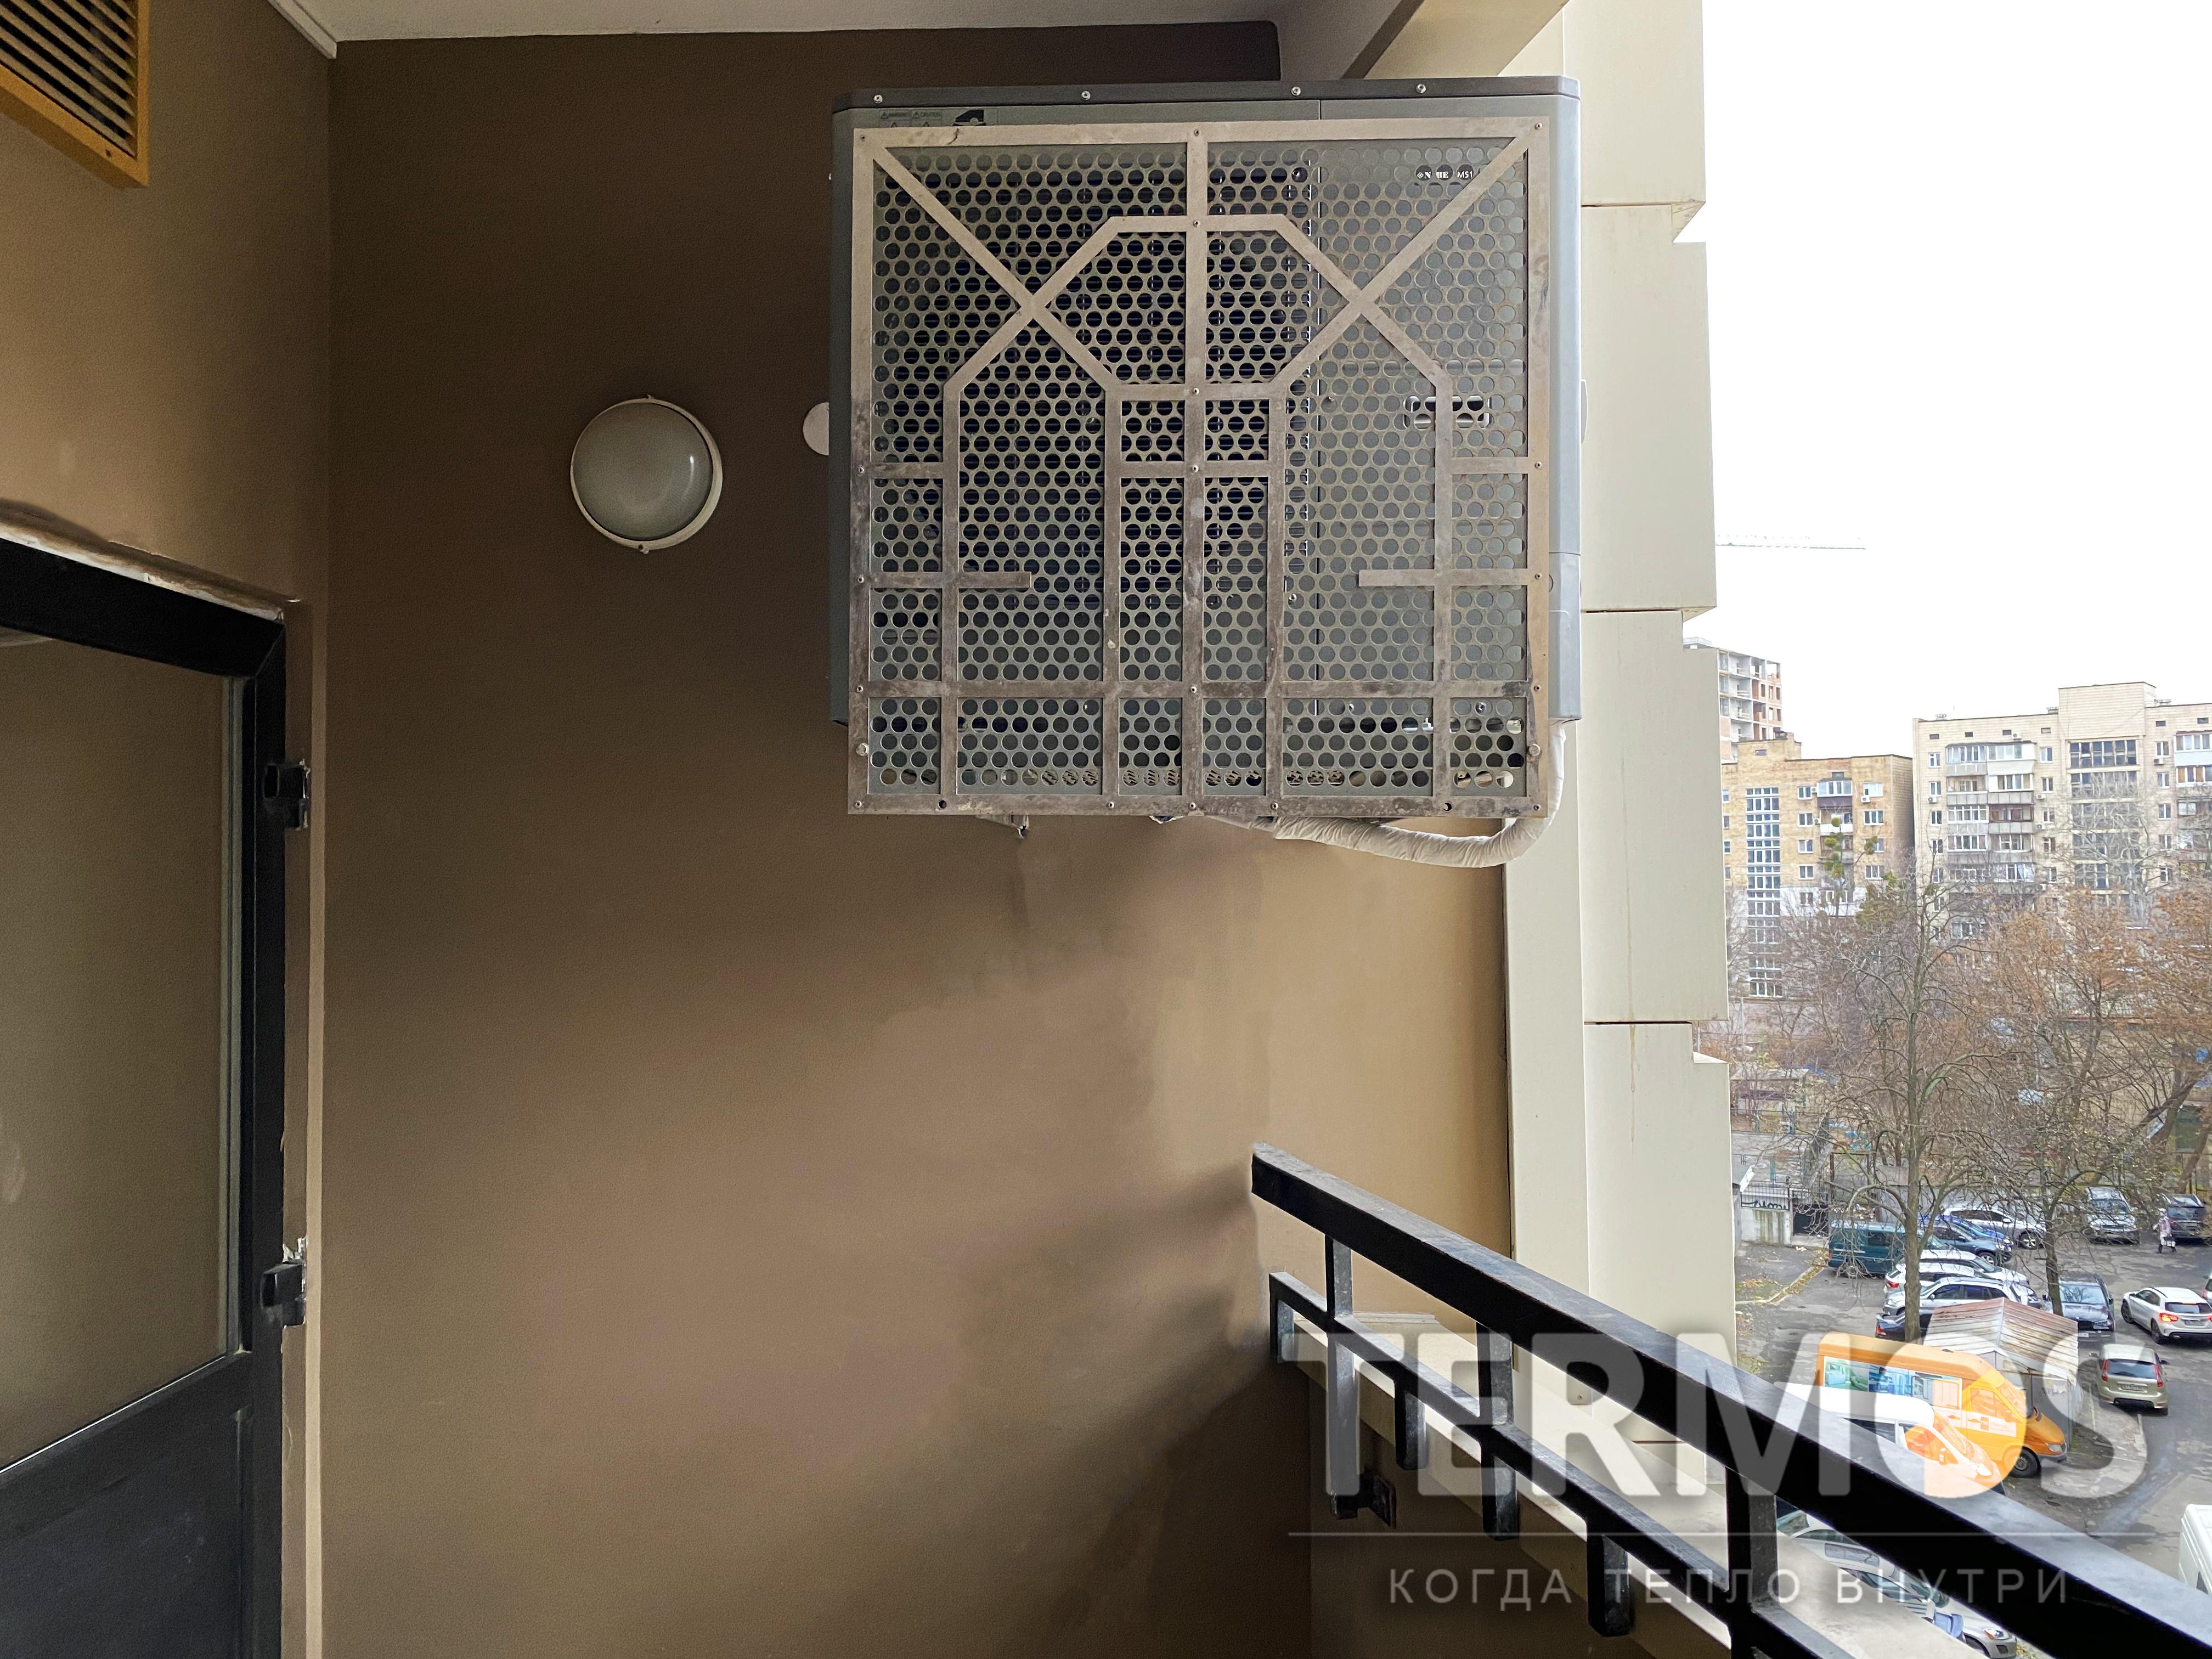 Квартира 150 кв м. Тепловой насос NIBE (Швеция) 12 кВт с функциями отопления, приготовления горячей воды, охлаждения квартиры летом